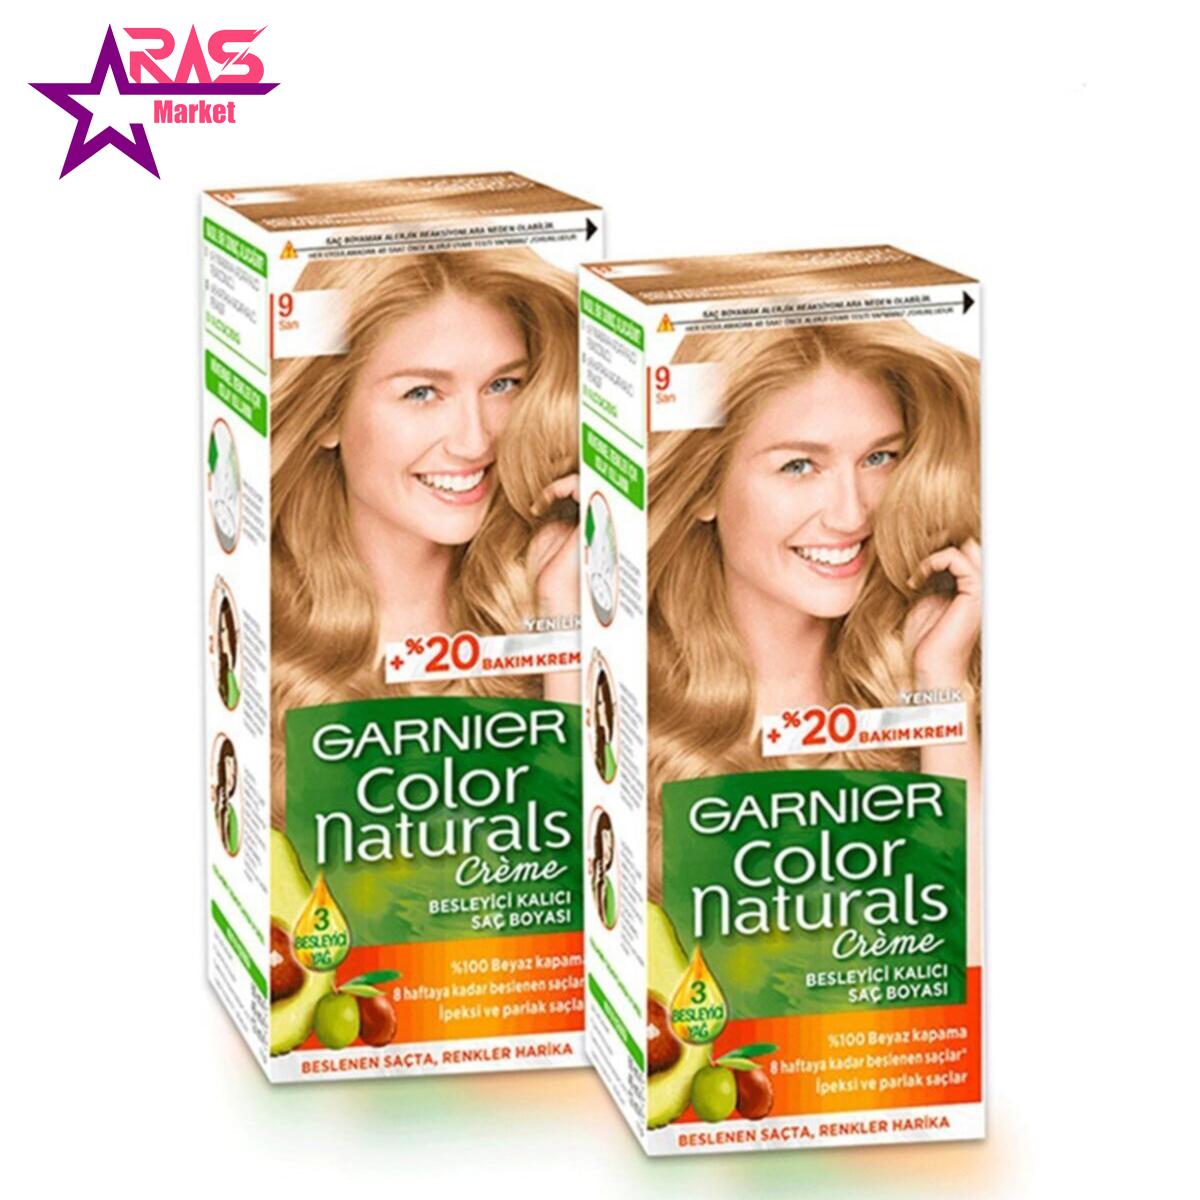 کیت رنگ مو گارنیر سری Color Naturals شماره 9 ، فروشگاه اینترنتی ارس مارکت ، بهداشت بانوان